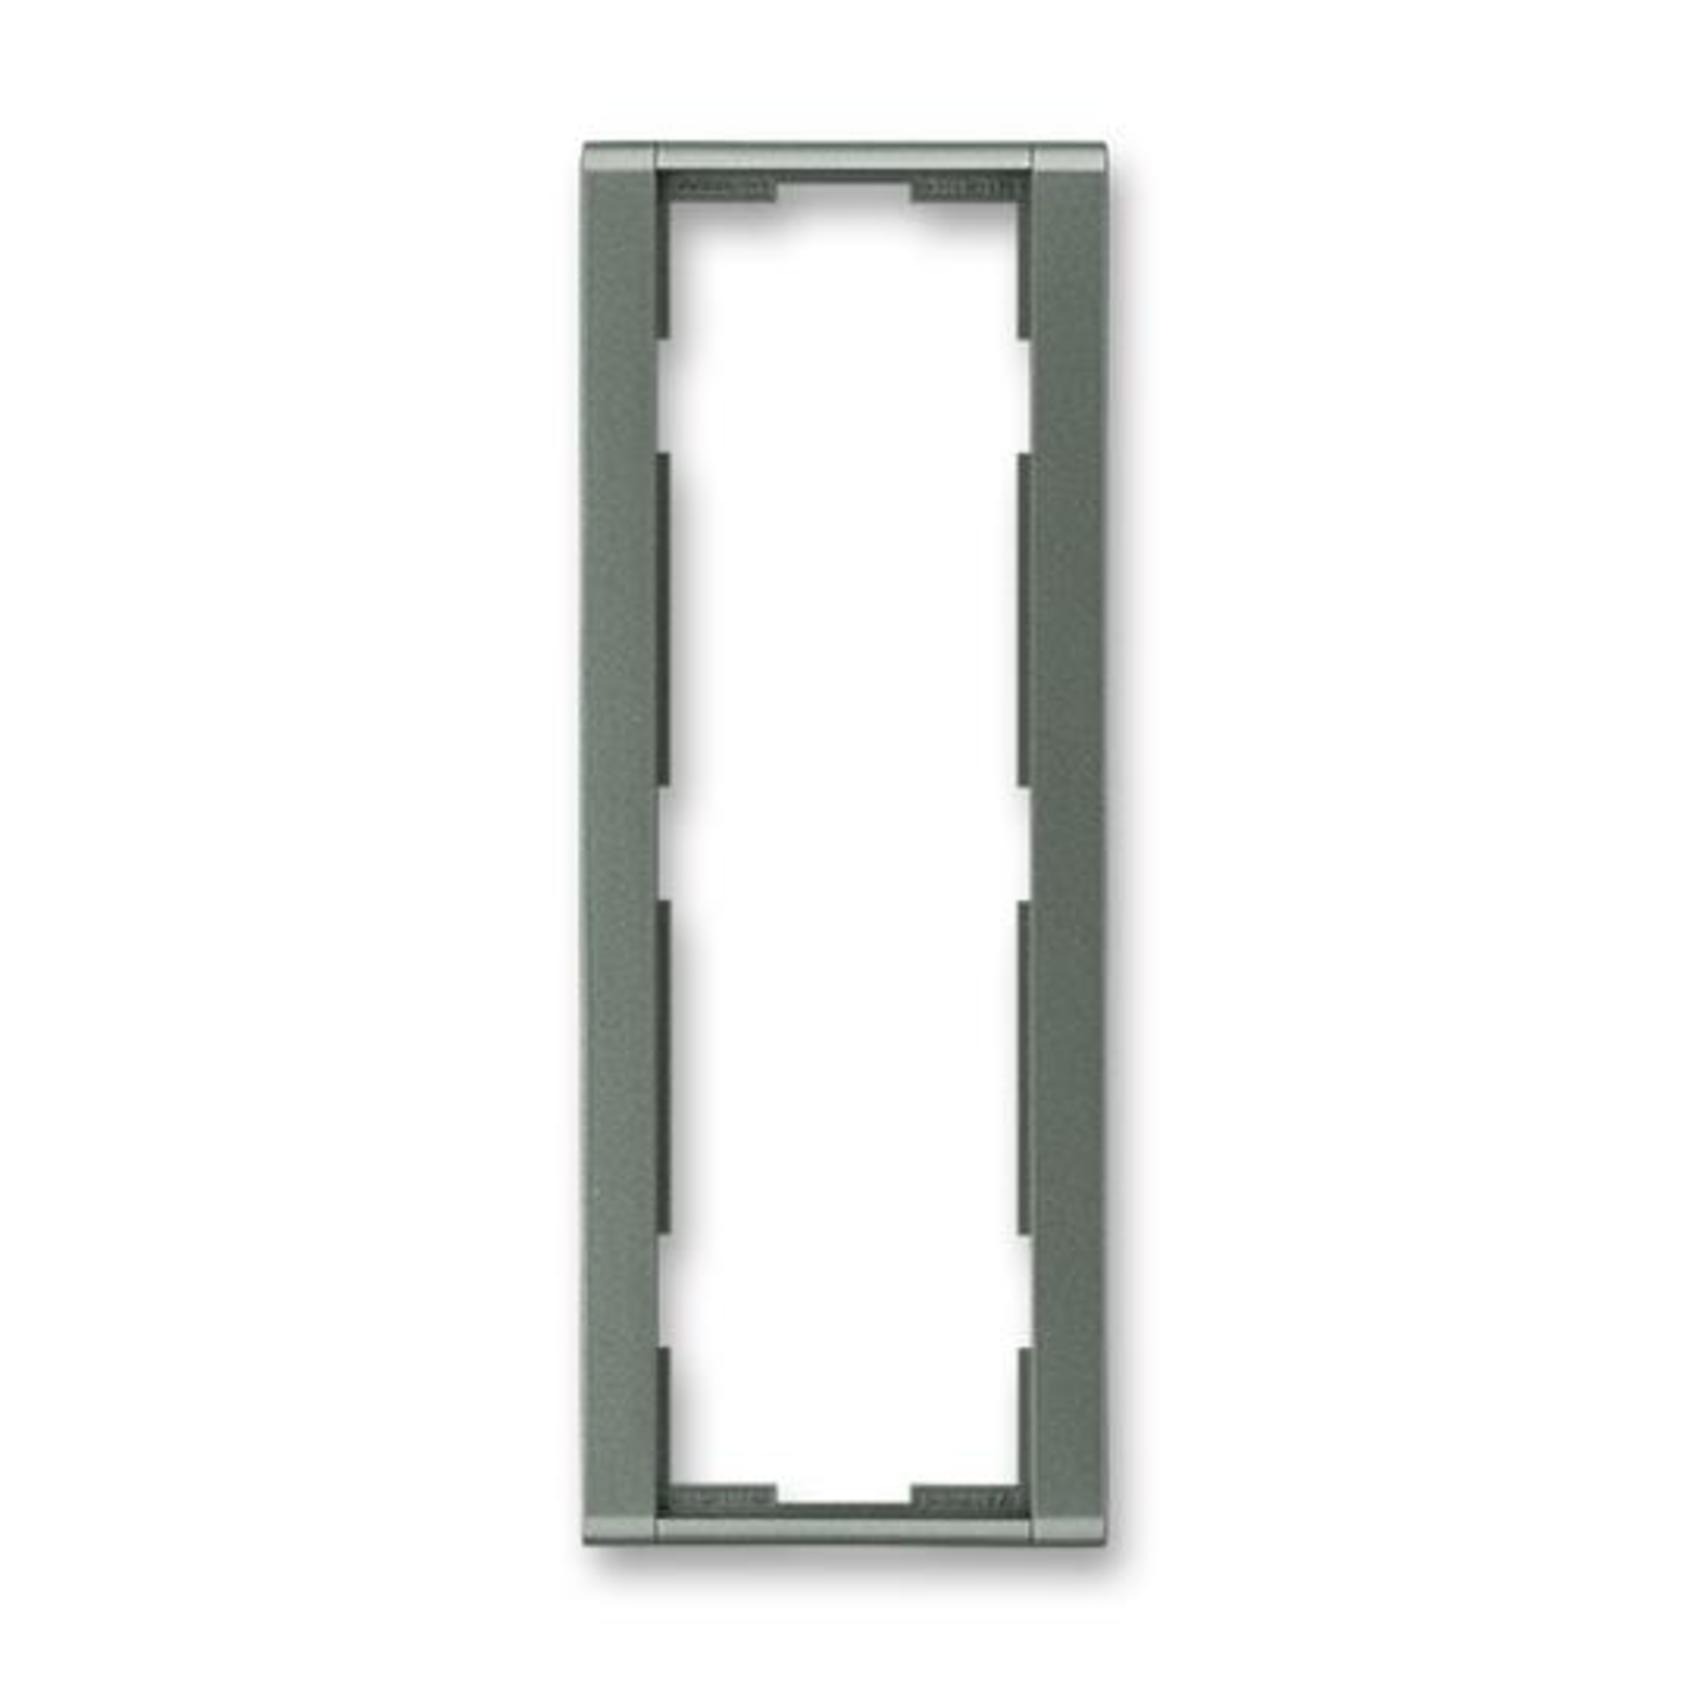 ABB 3901F-A00131 34 Time Rámeček trojnásobný, svislý